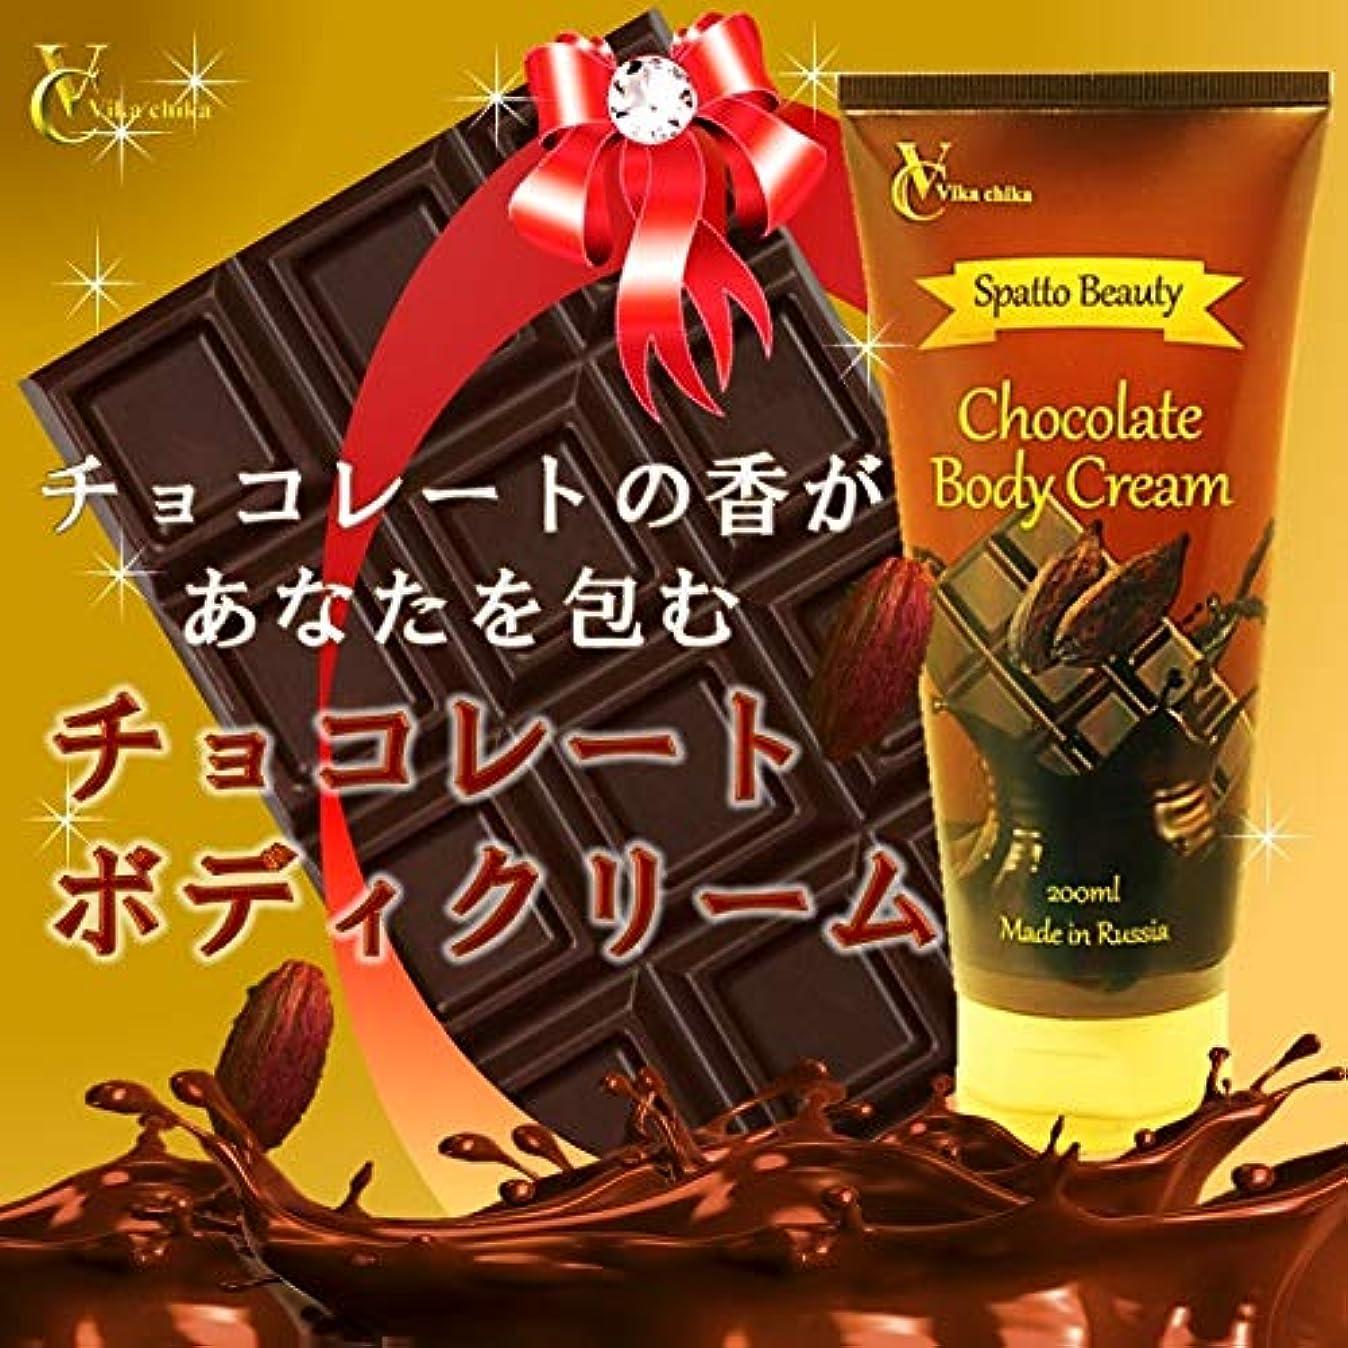 形状蒸留パラナ川ビッカチカ スパッと ビューティ チョコレートボディクリーム 200ml